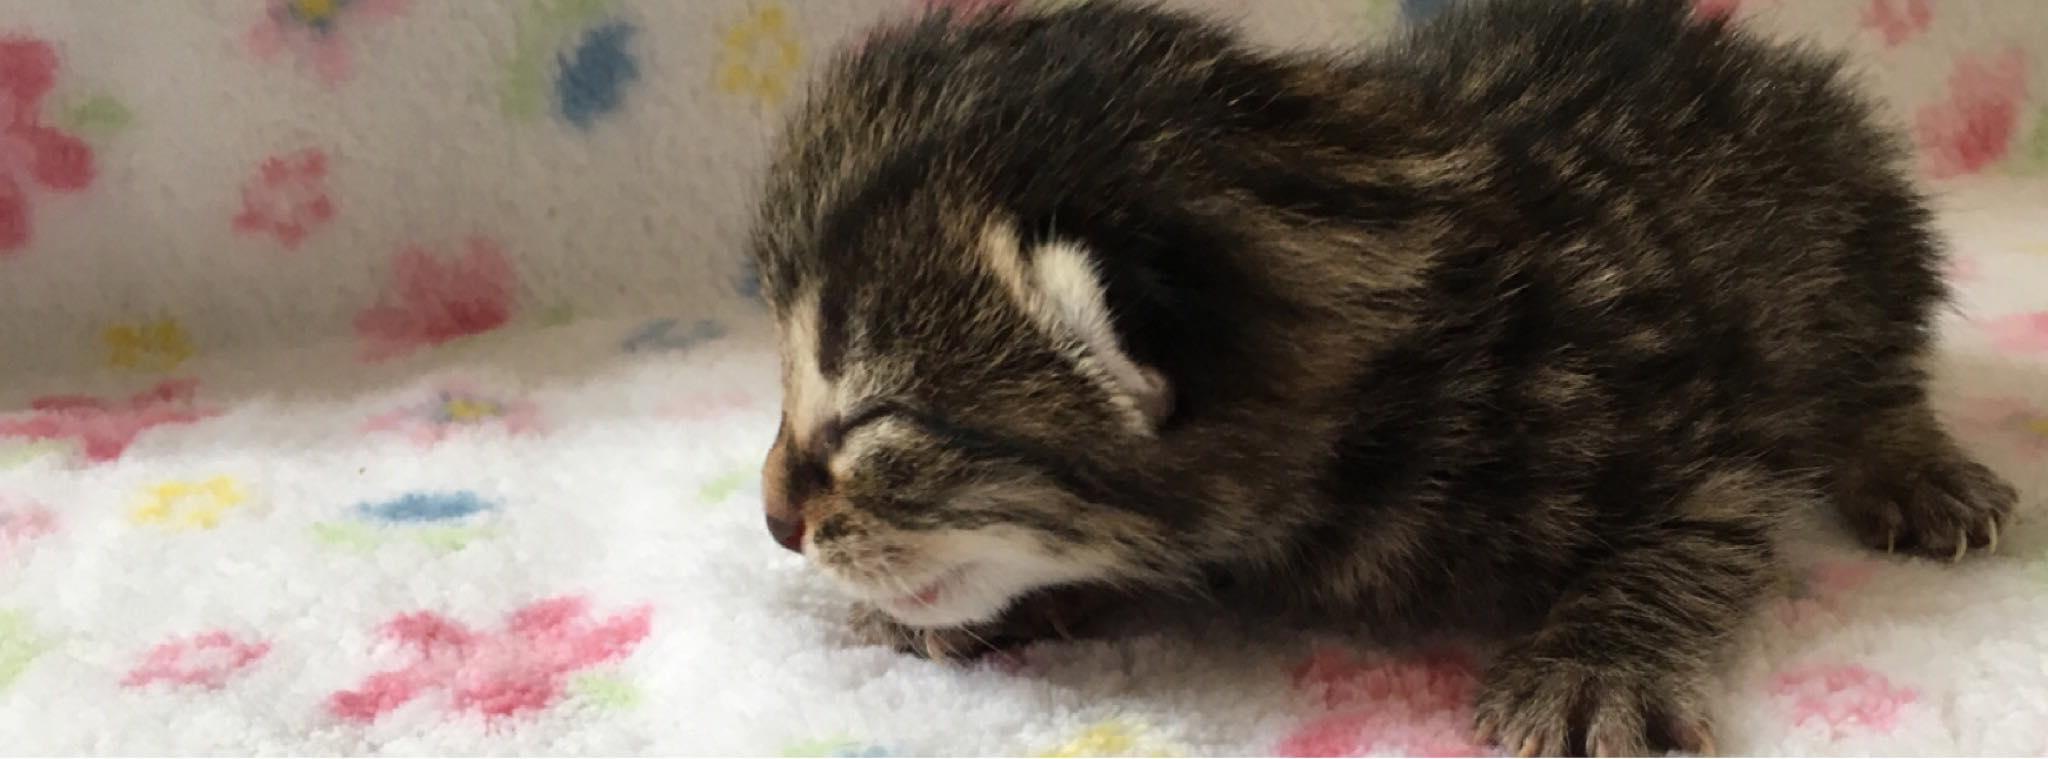 Zubehör für die Pflege von Katzenbabys